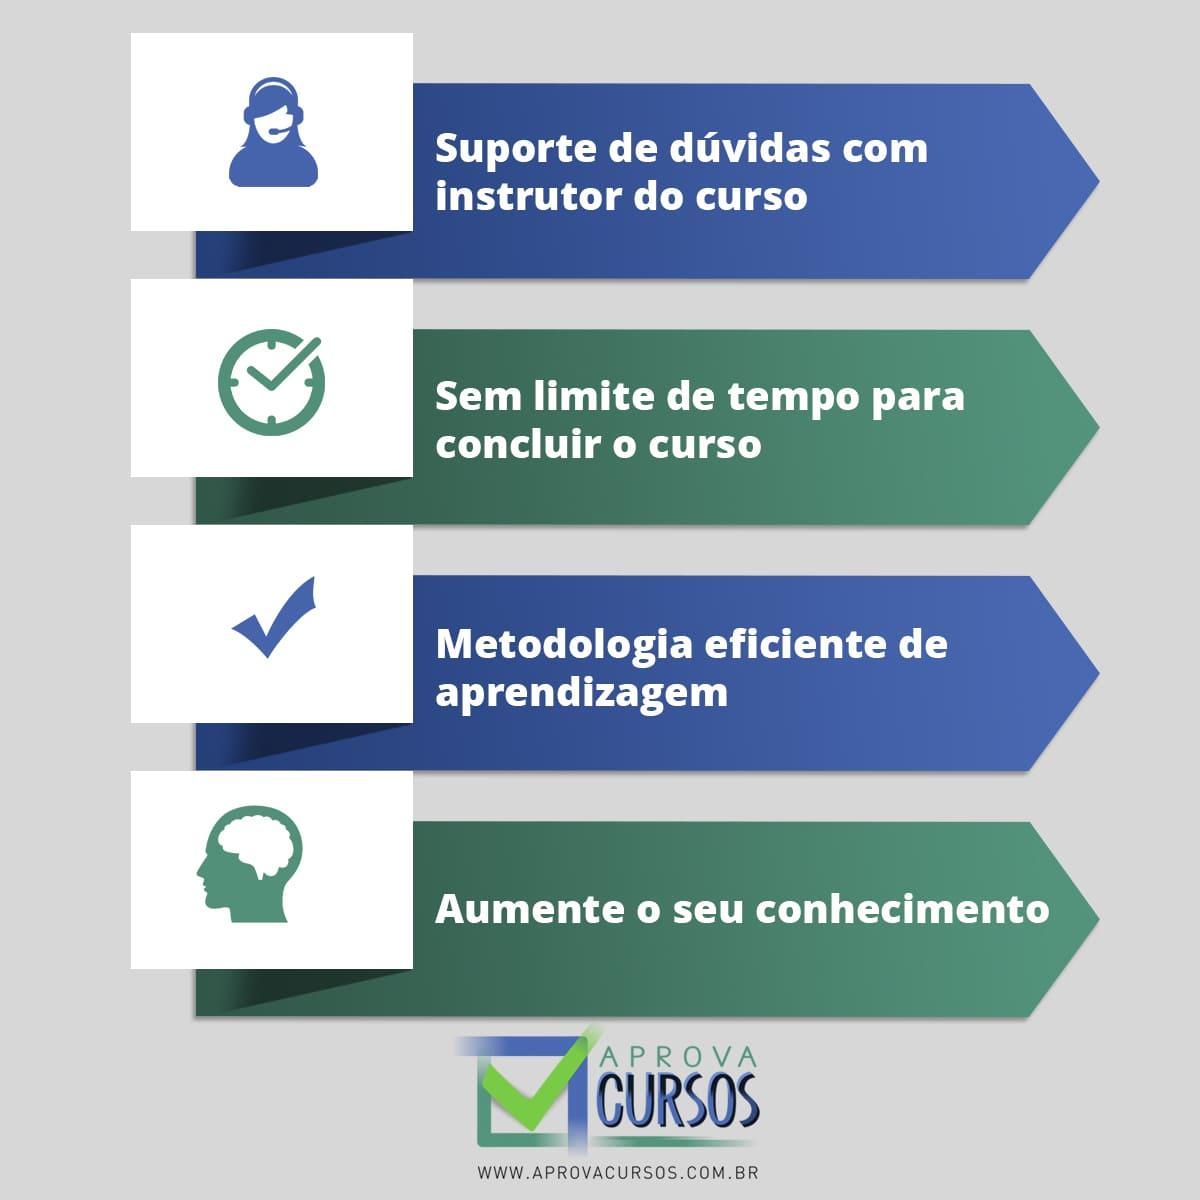 Curso Online de Persuasão em Vendas com Certificado  - Aprova Cursos